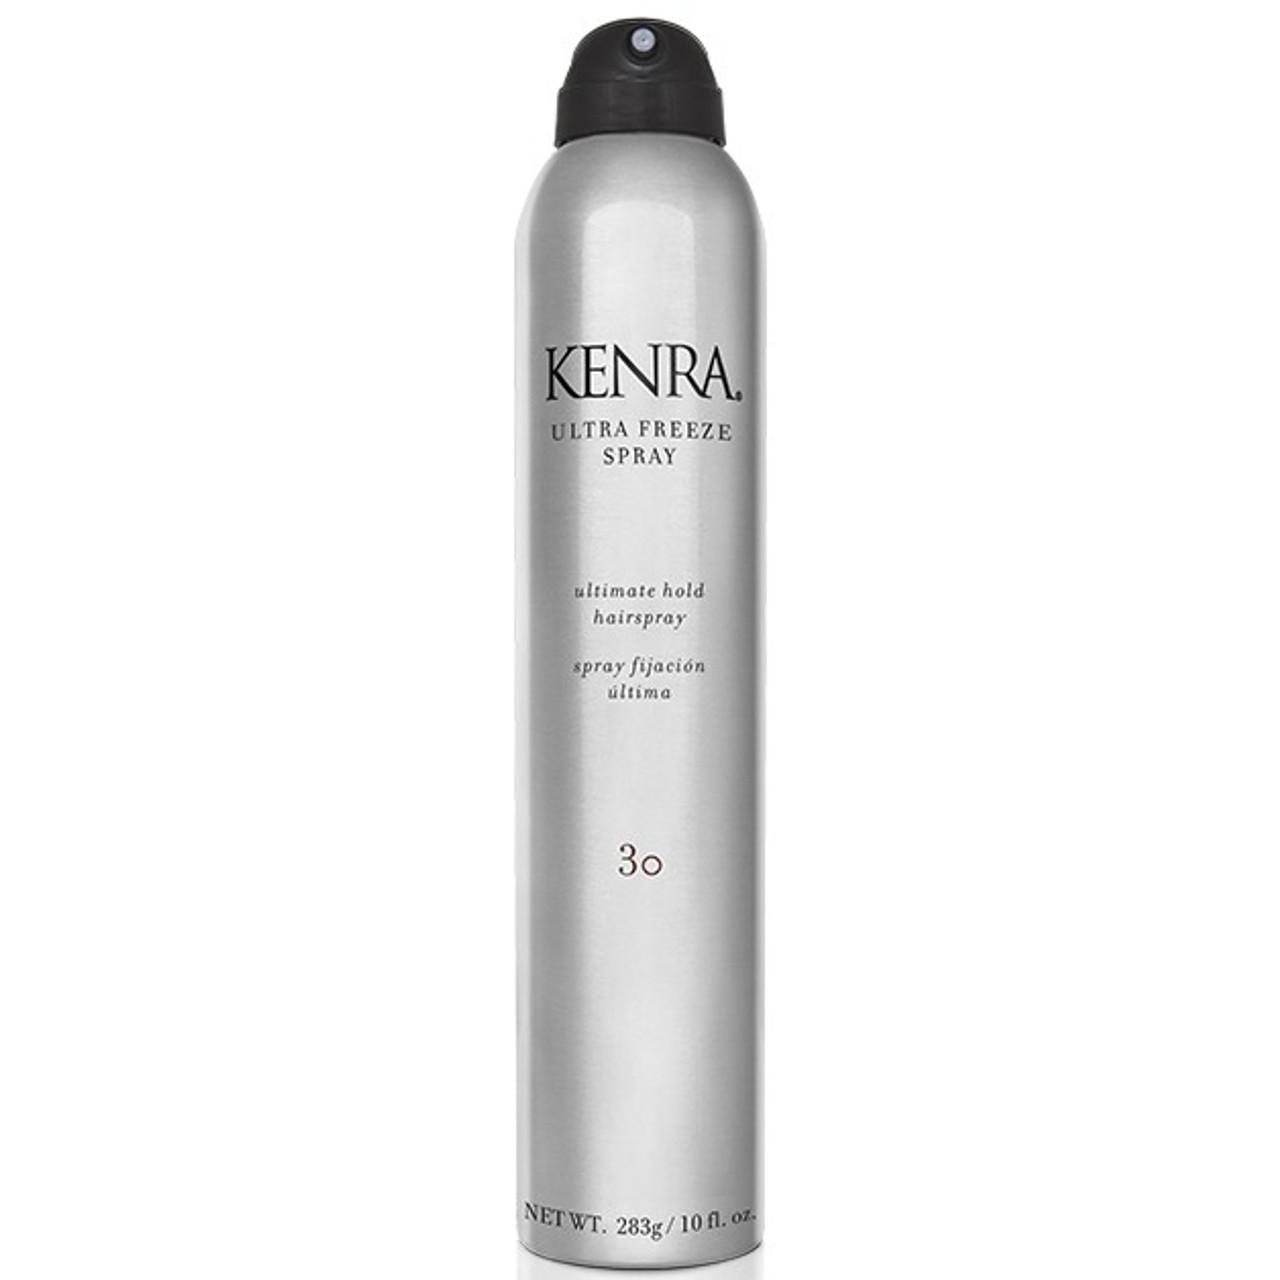 Kenra Ultra Freeze Spray #30 10 oz